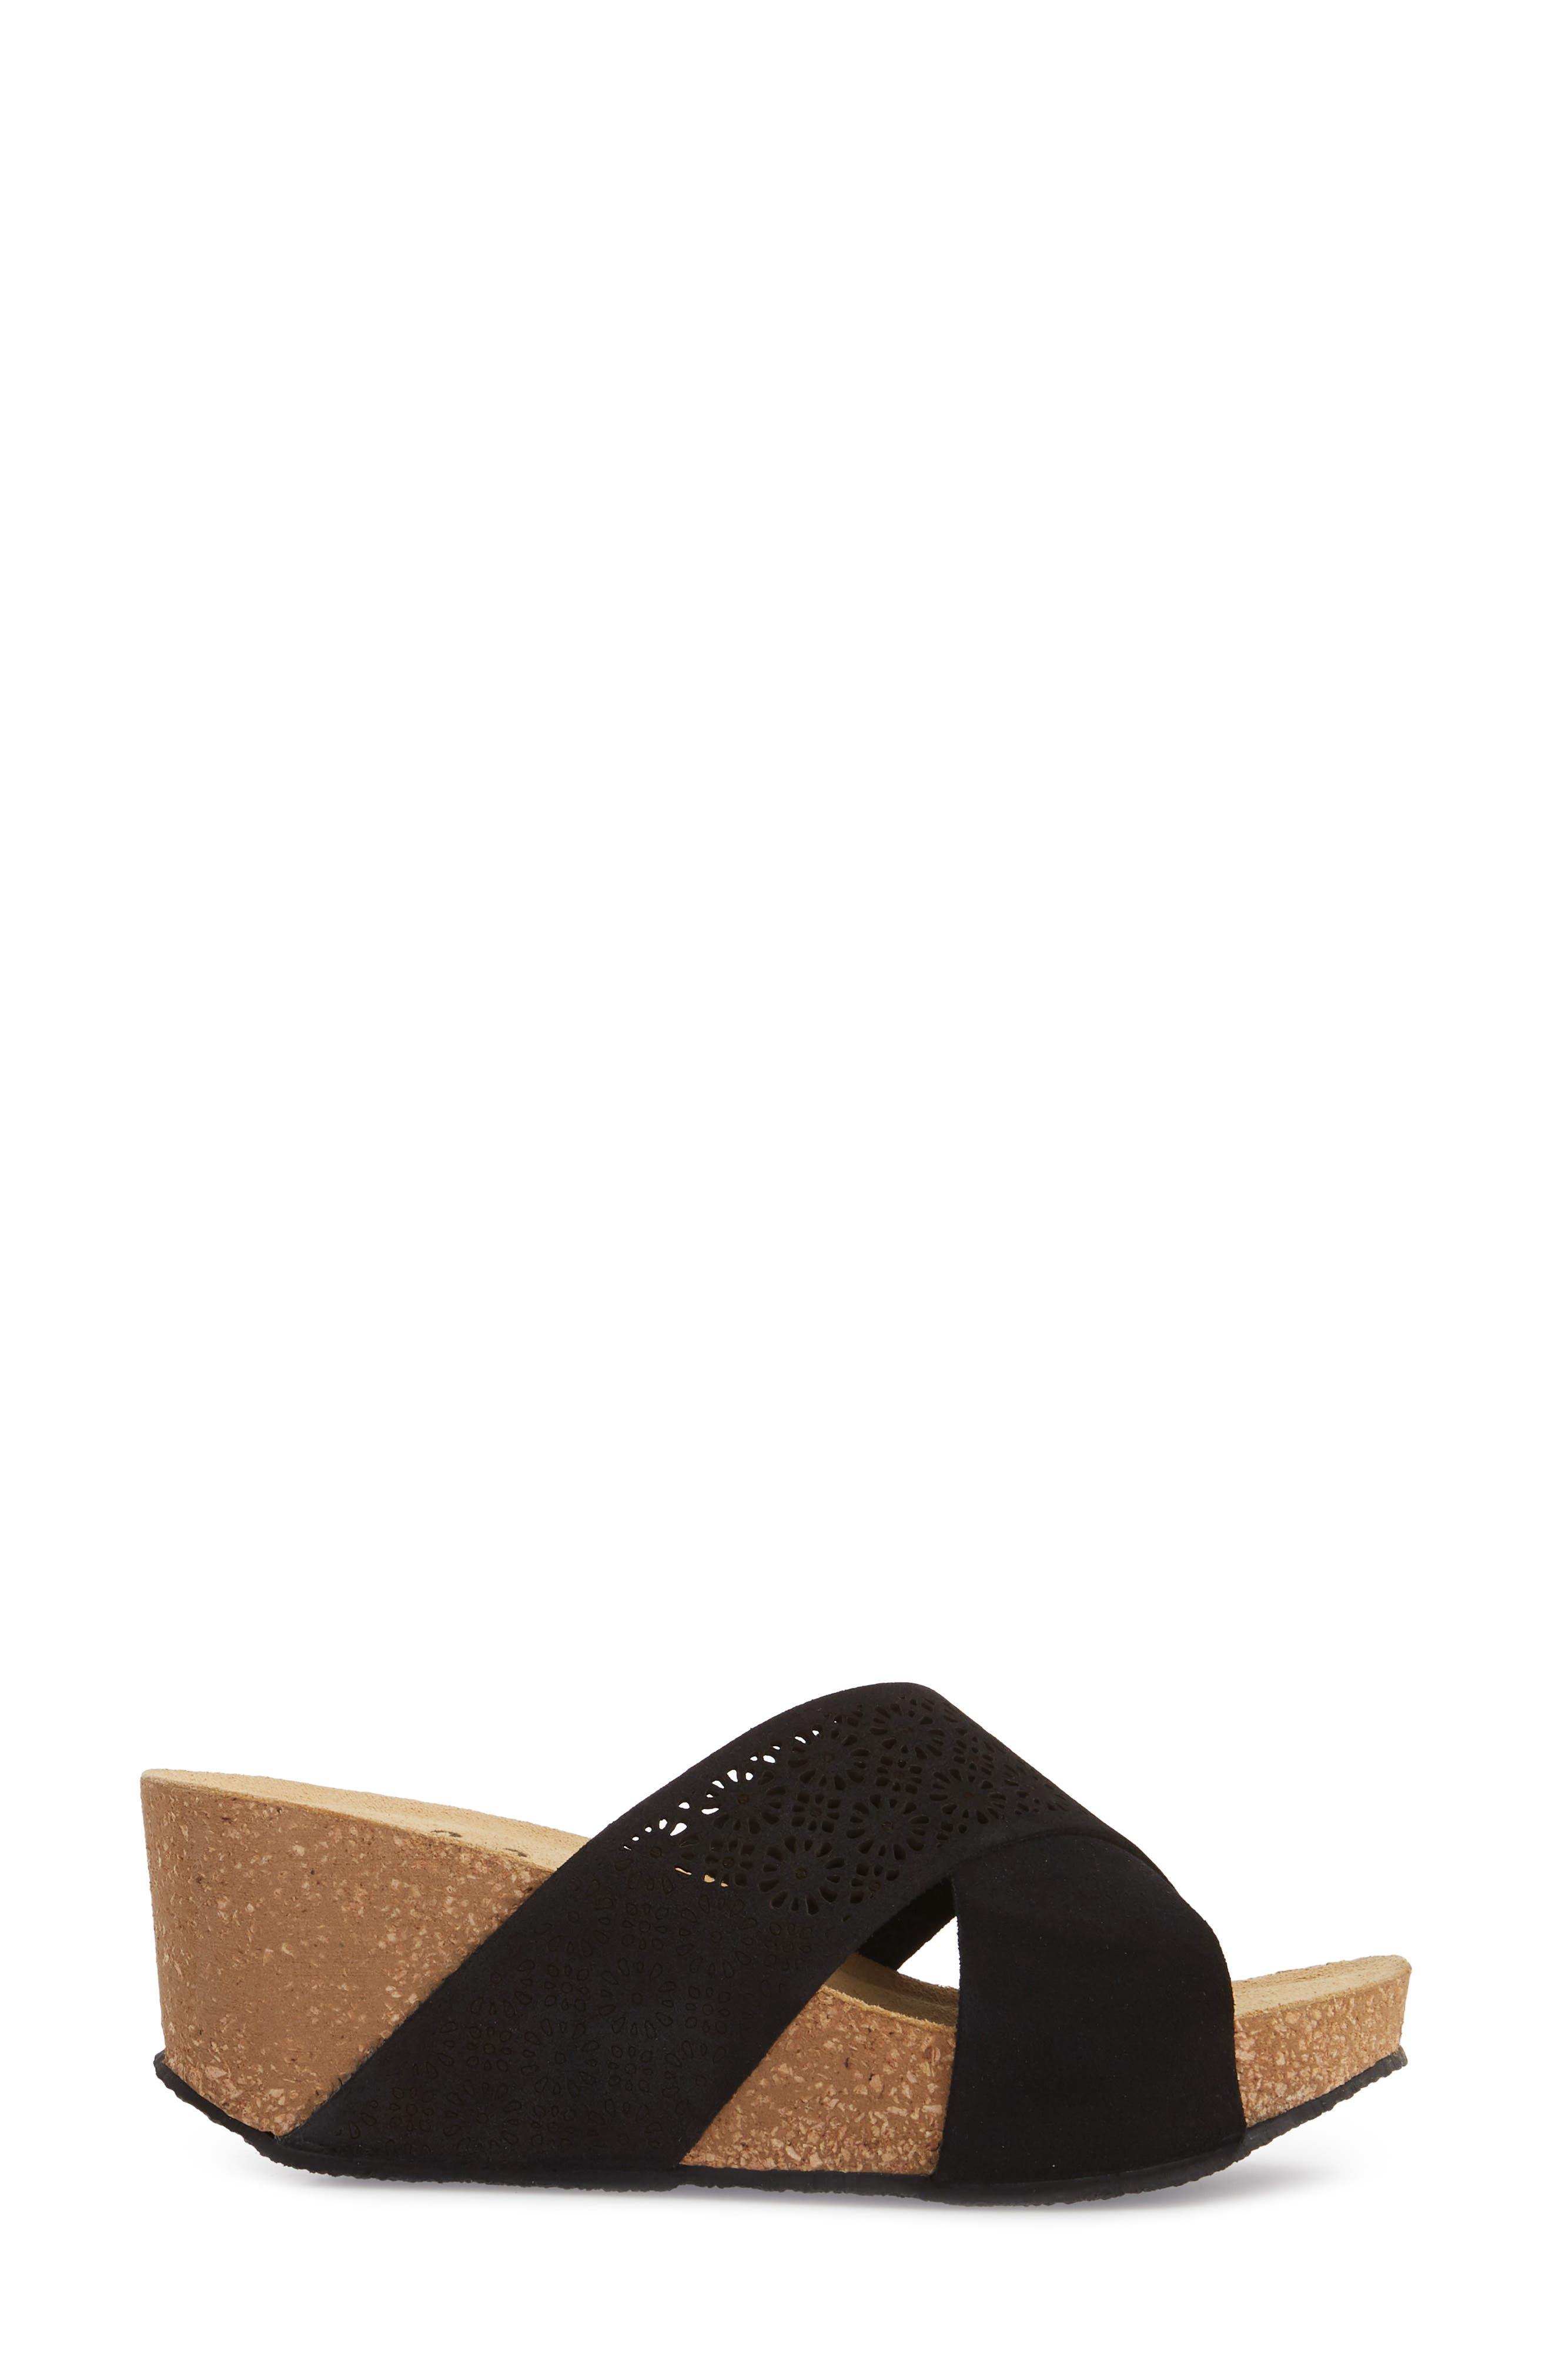 BOS. & CO., Lomi Platform Wedge Slide Sandal, Alternate thumbnail 3, color, BLACK SUEDE